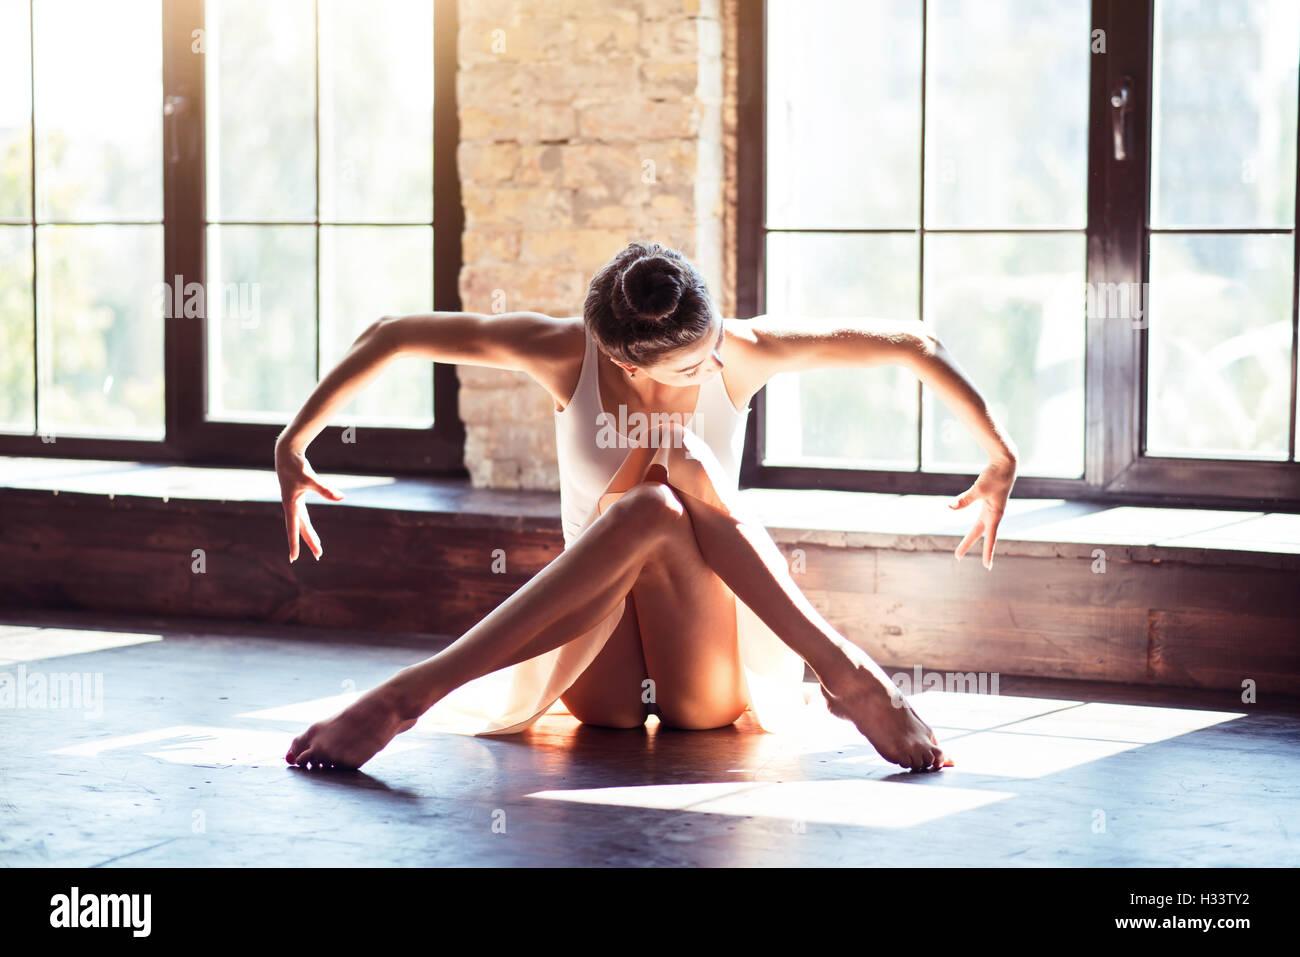 Encantadora bailarina sentada correctamente Imagen De Stock